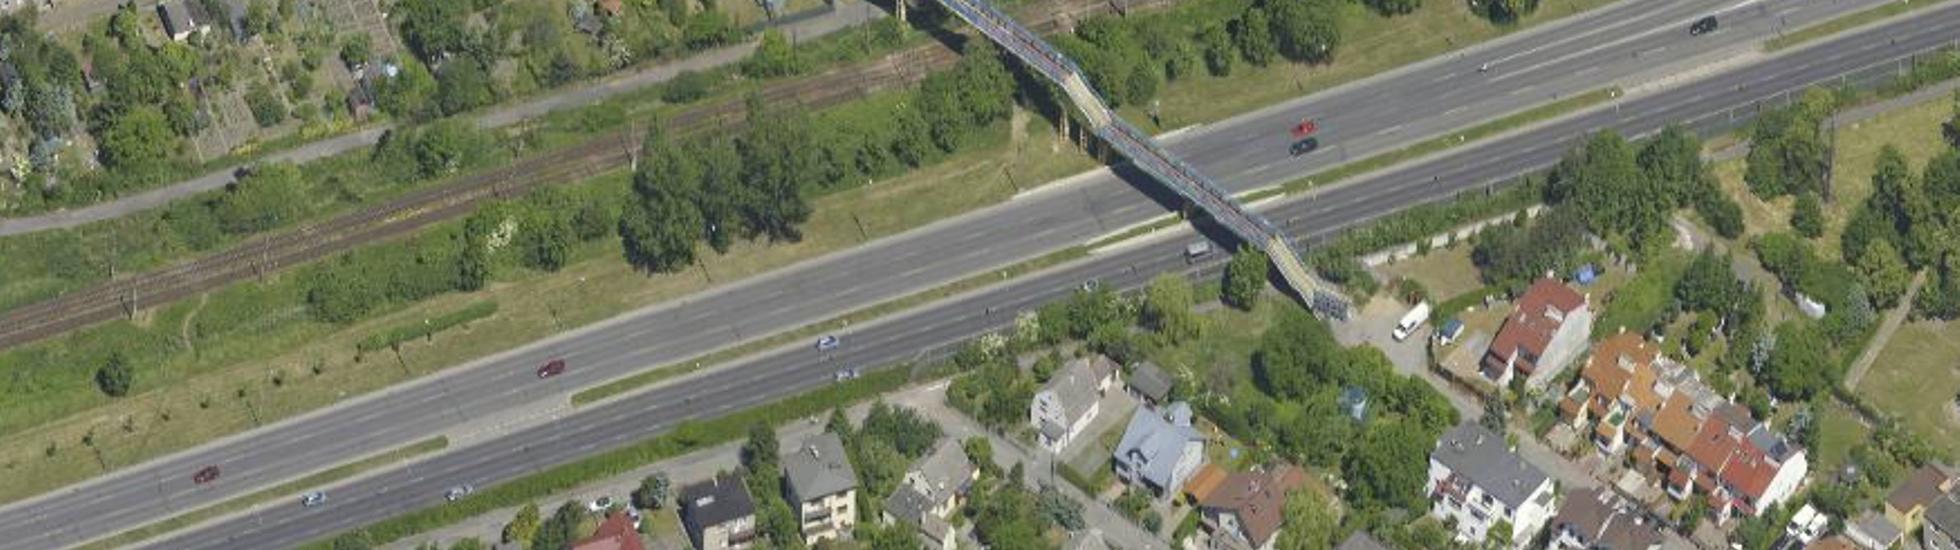 Wrocław: Mieszkańcy Psiego Pola doczekają się nowej kładki. Tym razem miasto dokłada brakujące środki